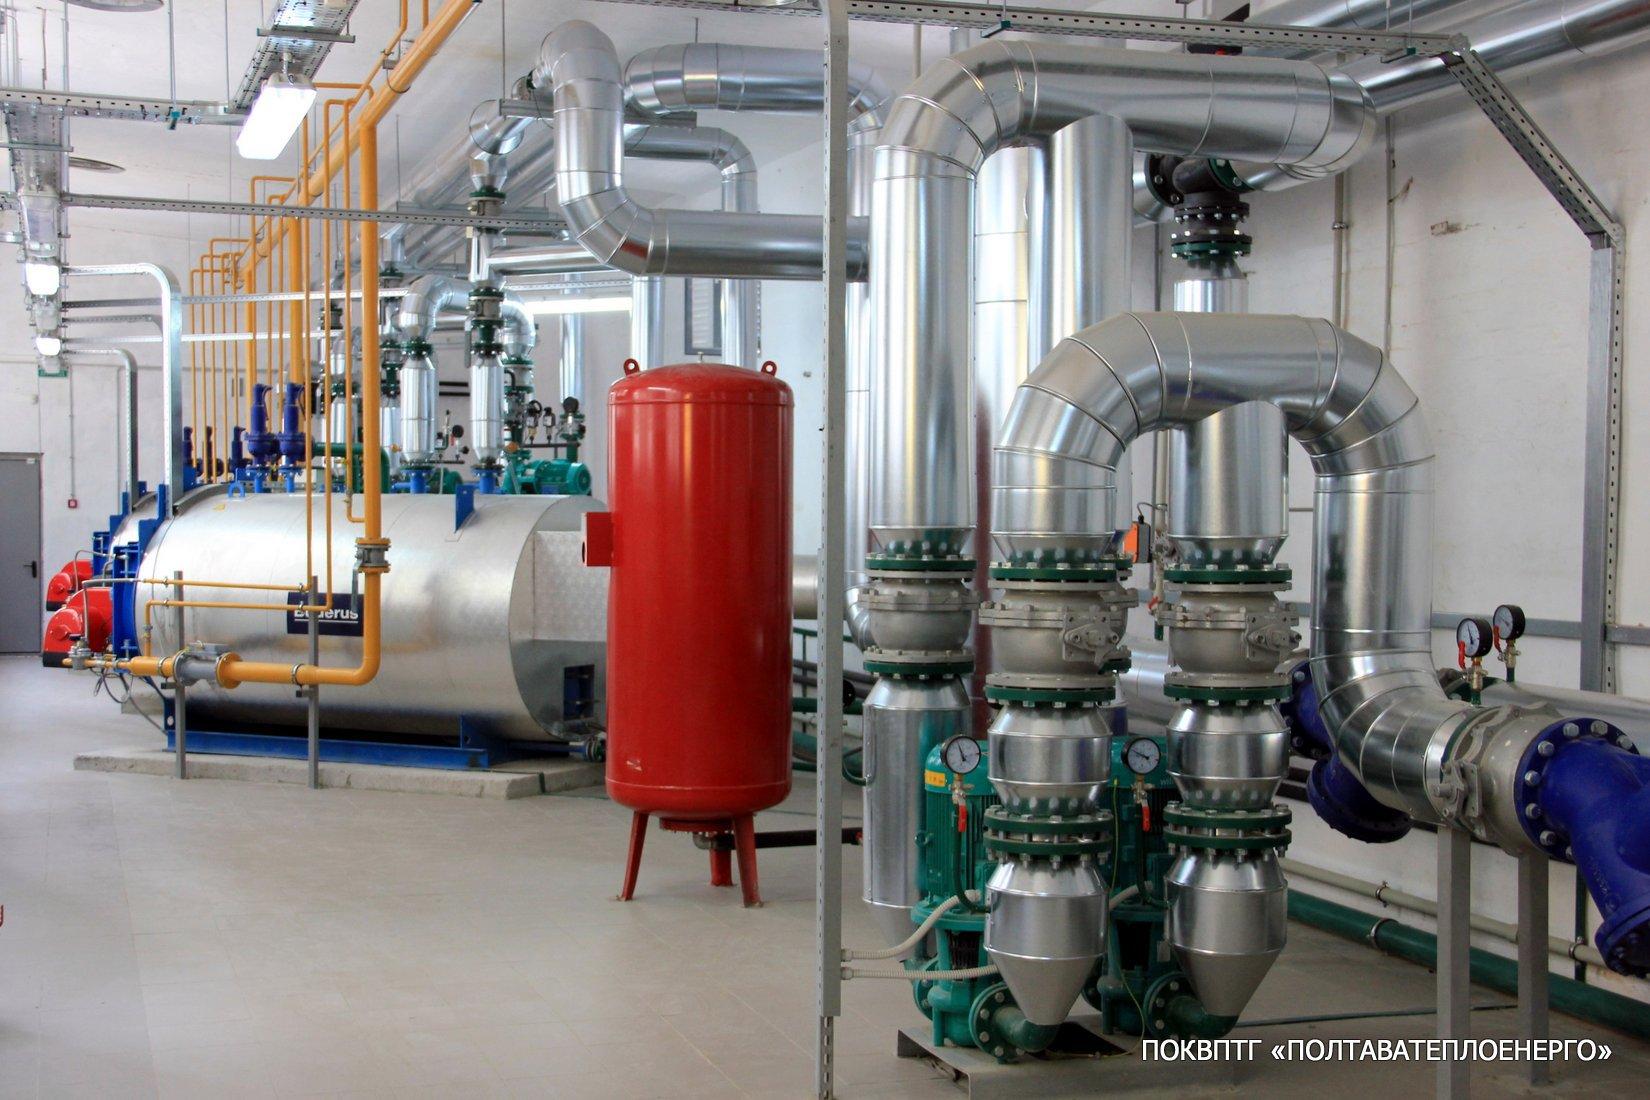 водогрейные котлы на газе 1,2 мегаватта цена